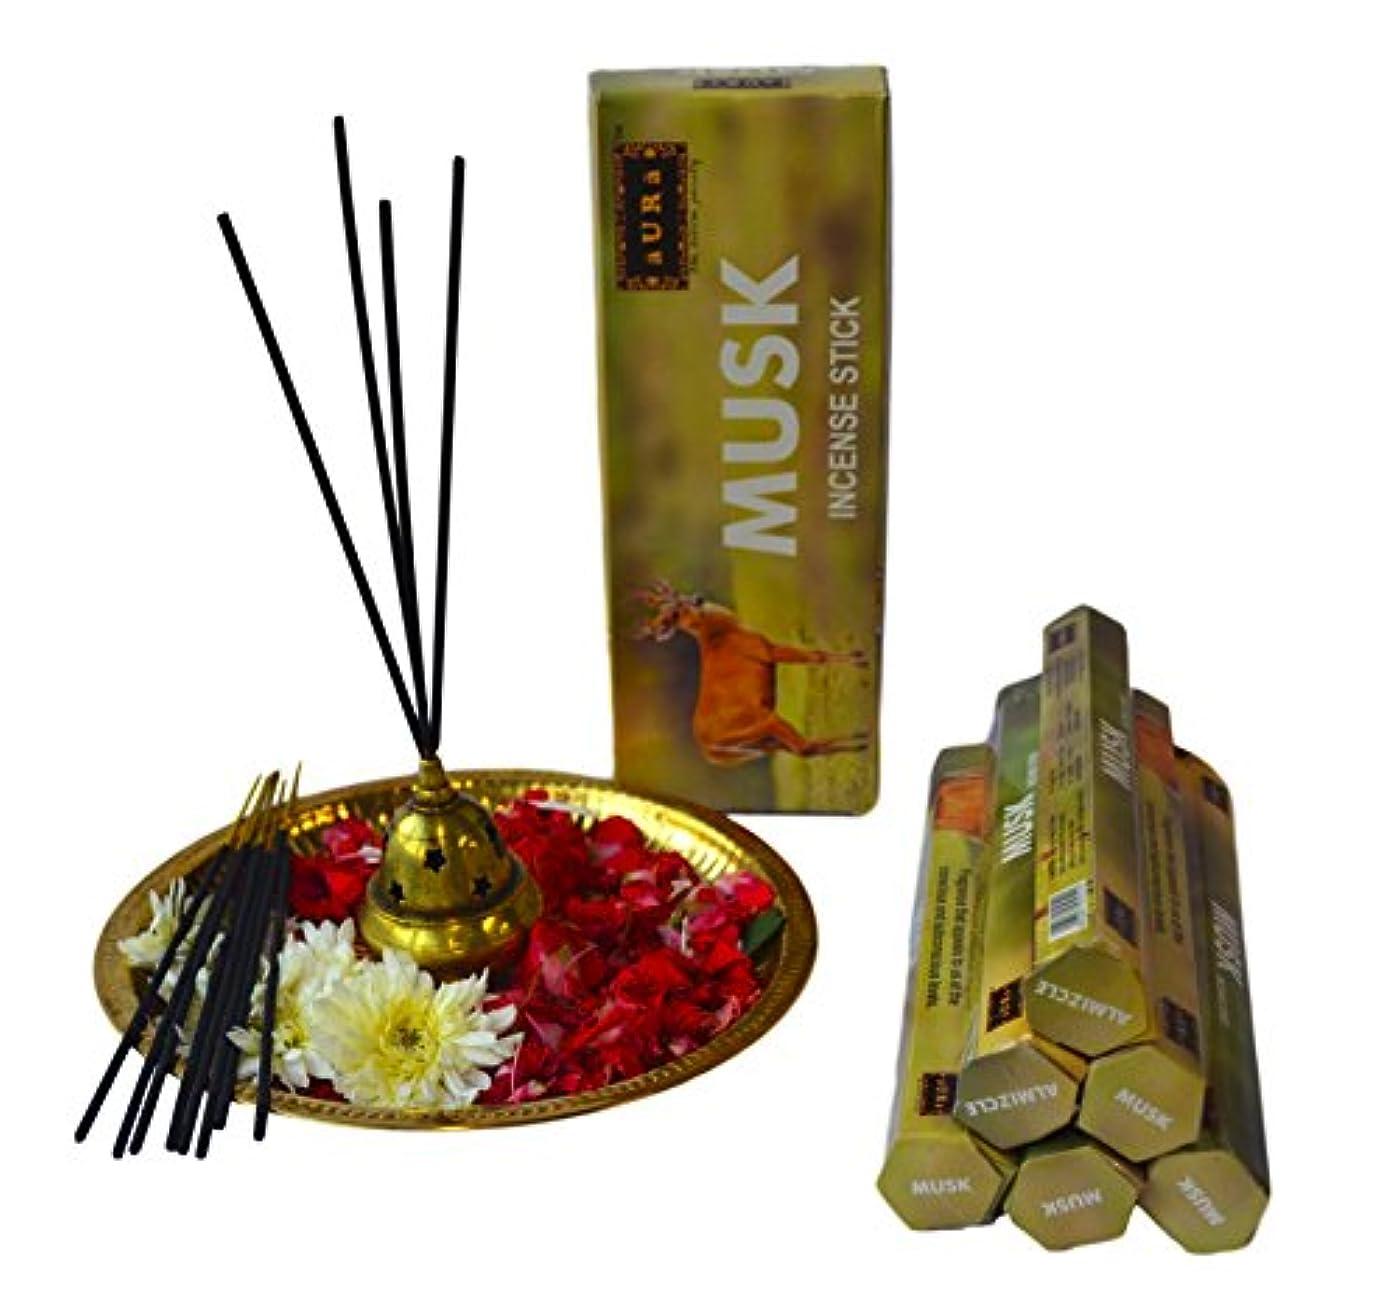 敗北キリスト教導入するオーラムスクの香りお香、プレミアム天然Incense Sticks、六角packing-120 Sticks